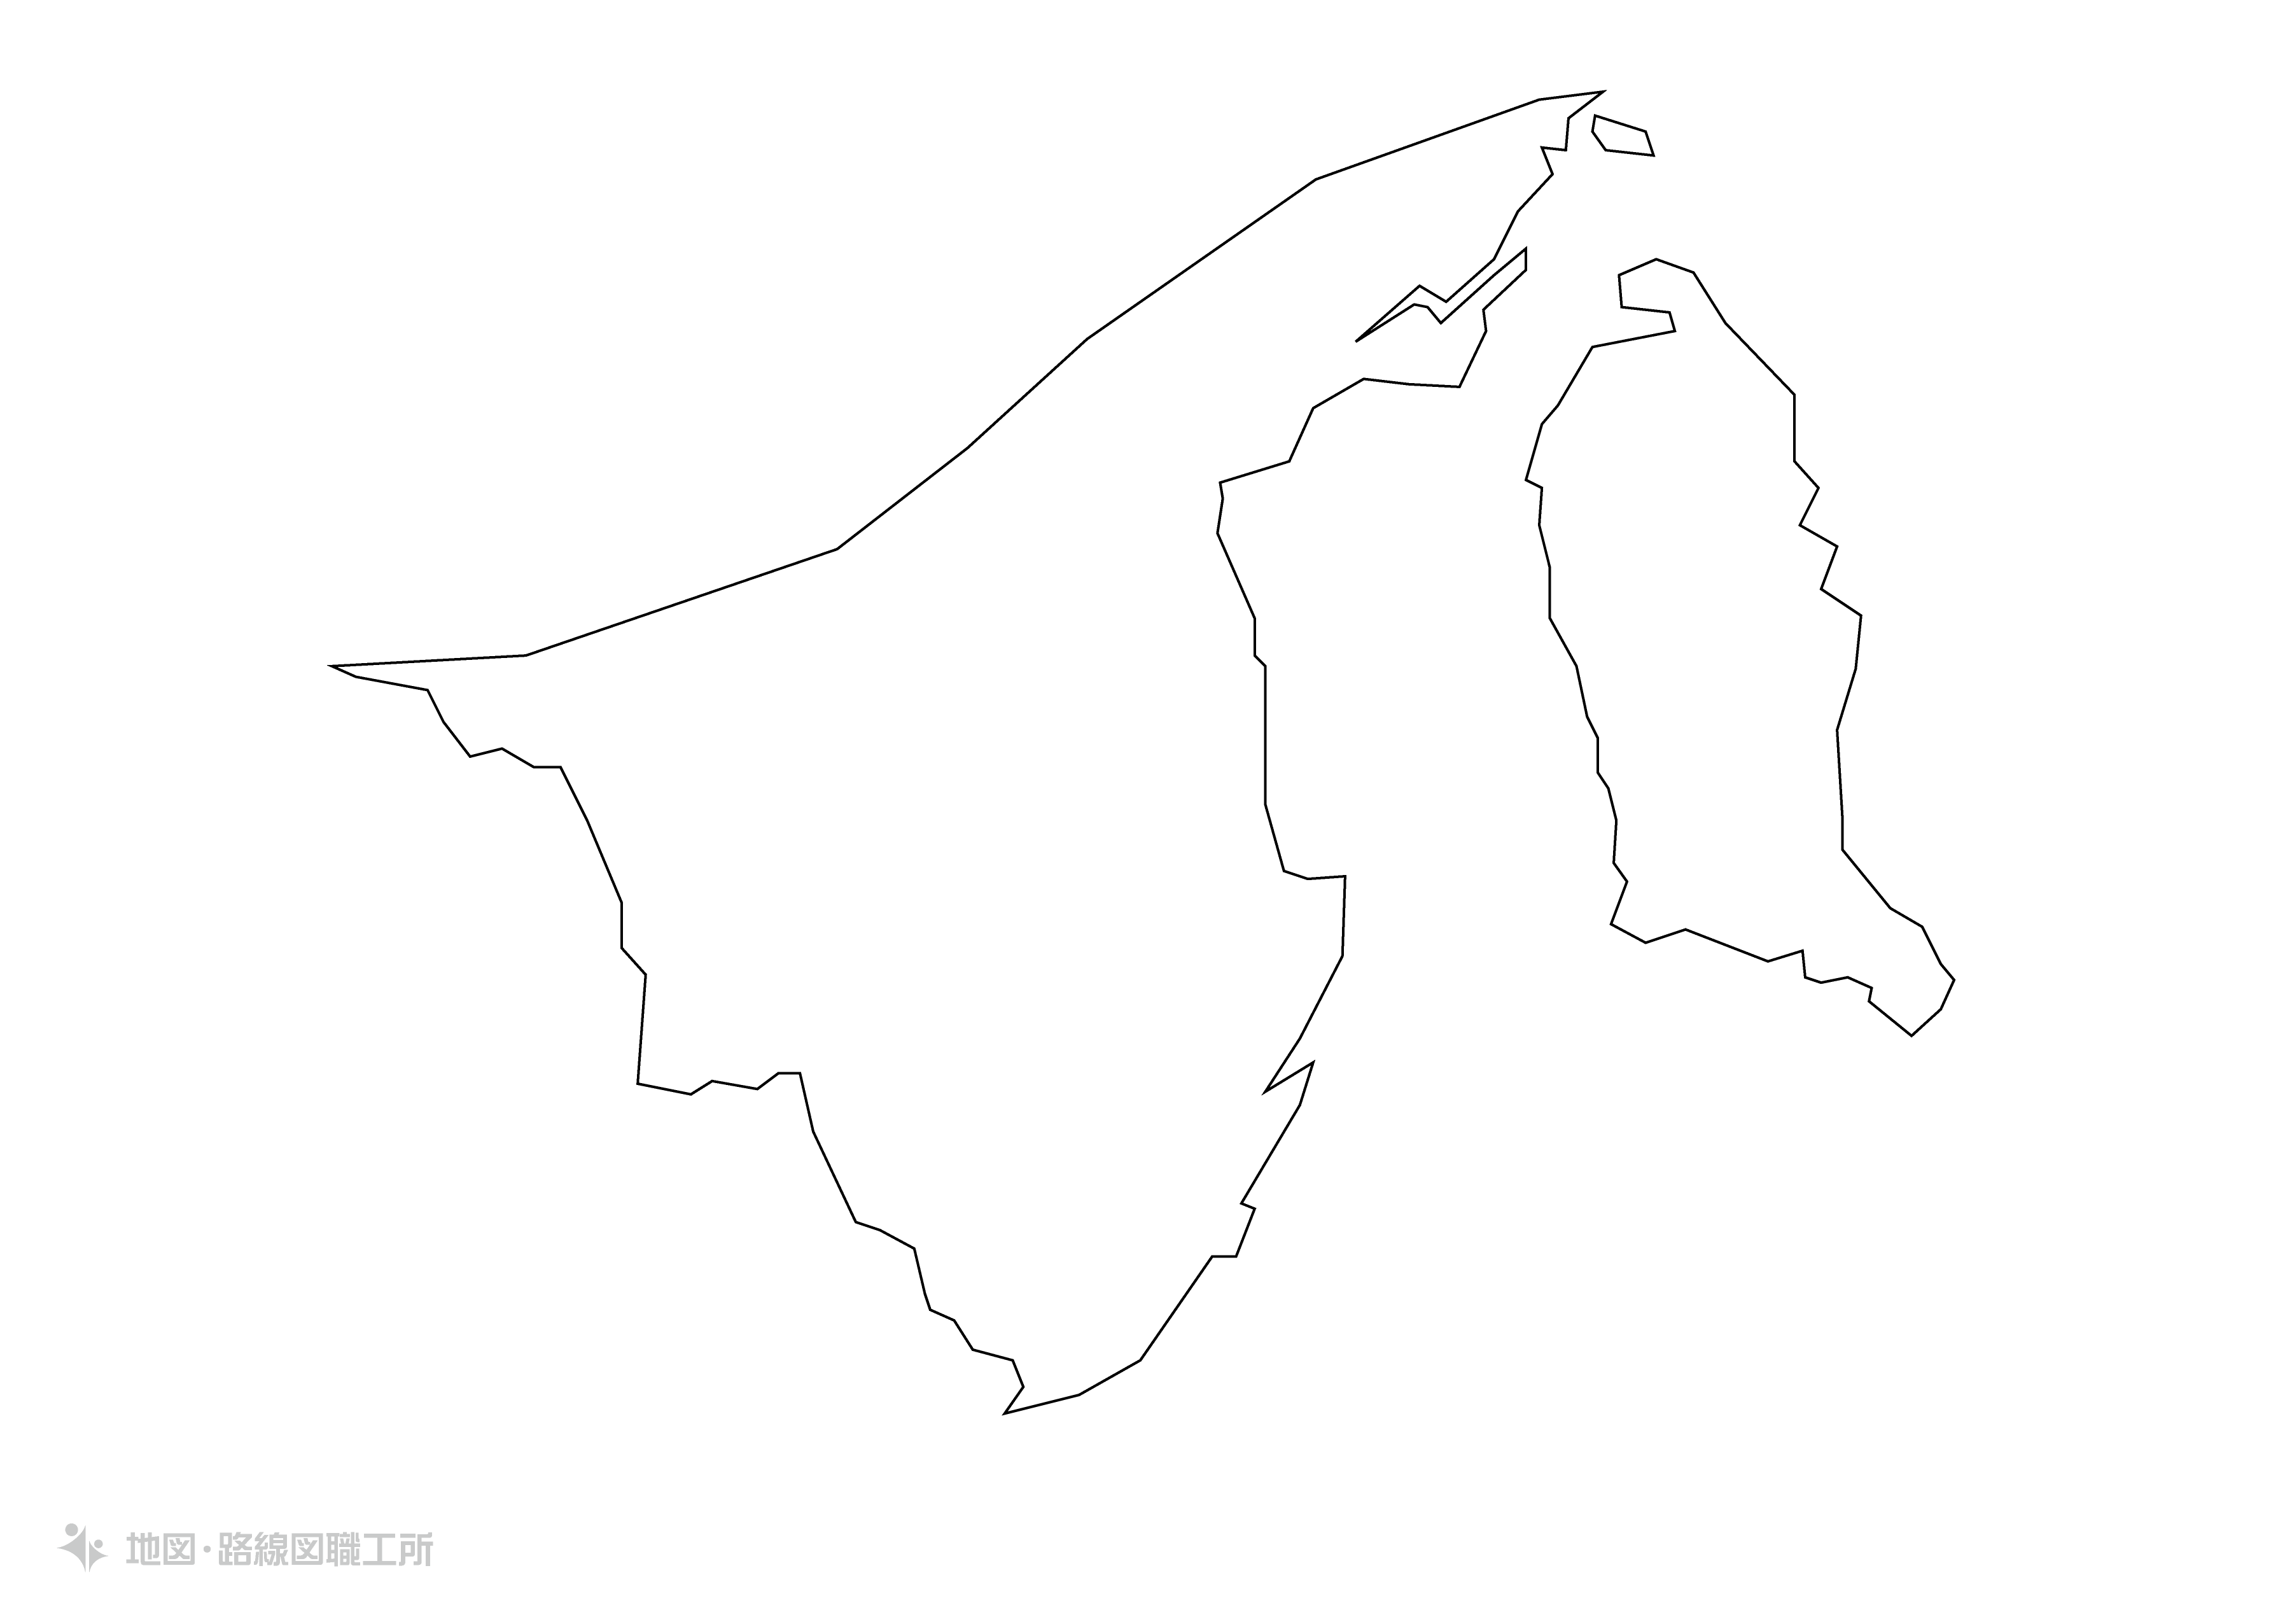 世界の白地図 ブルネイ・ダルサラーム国 brunei-darussalam map